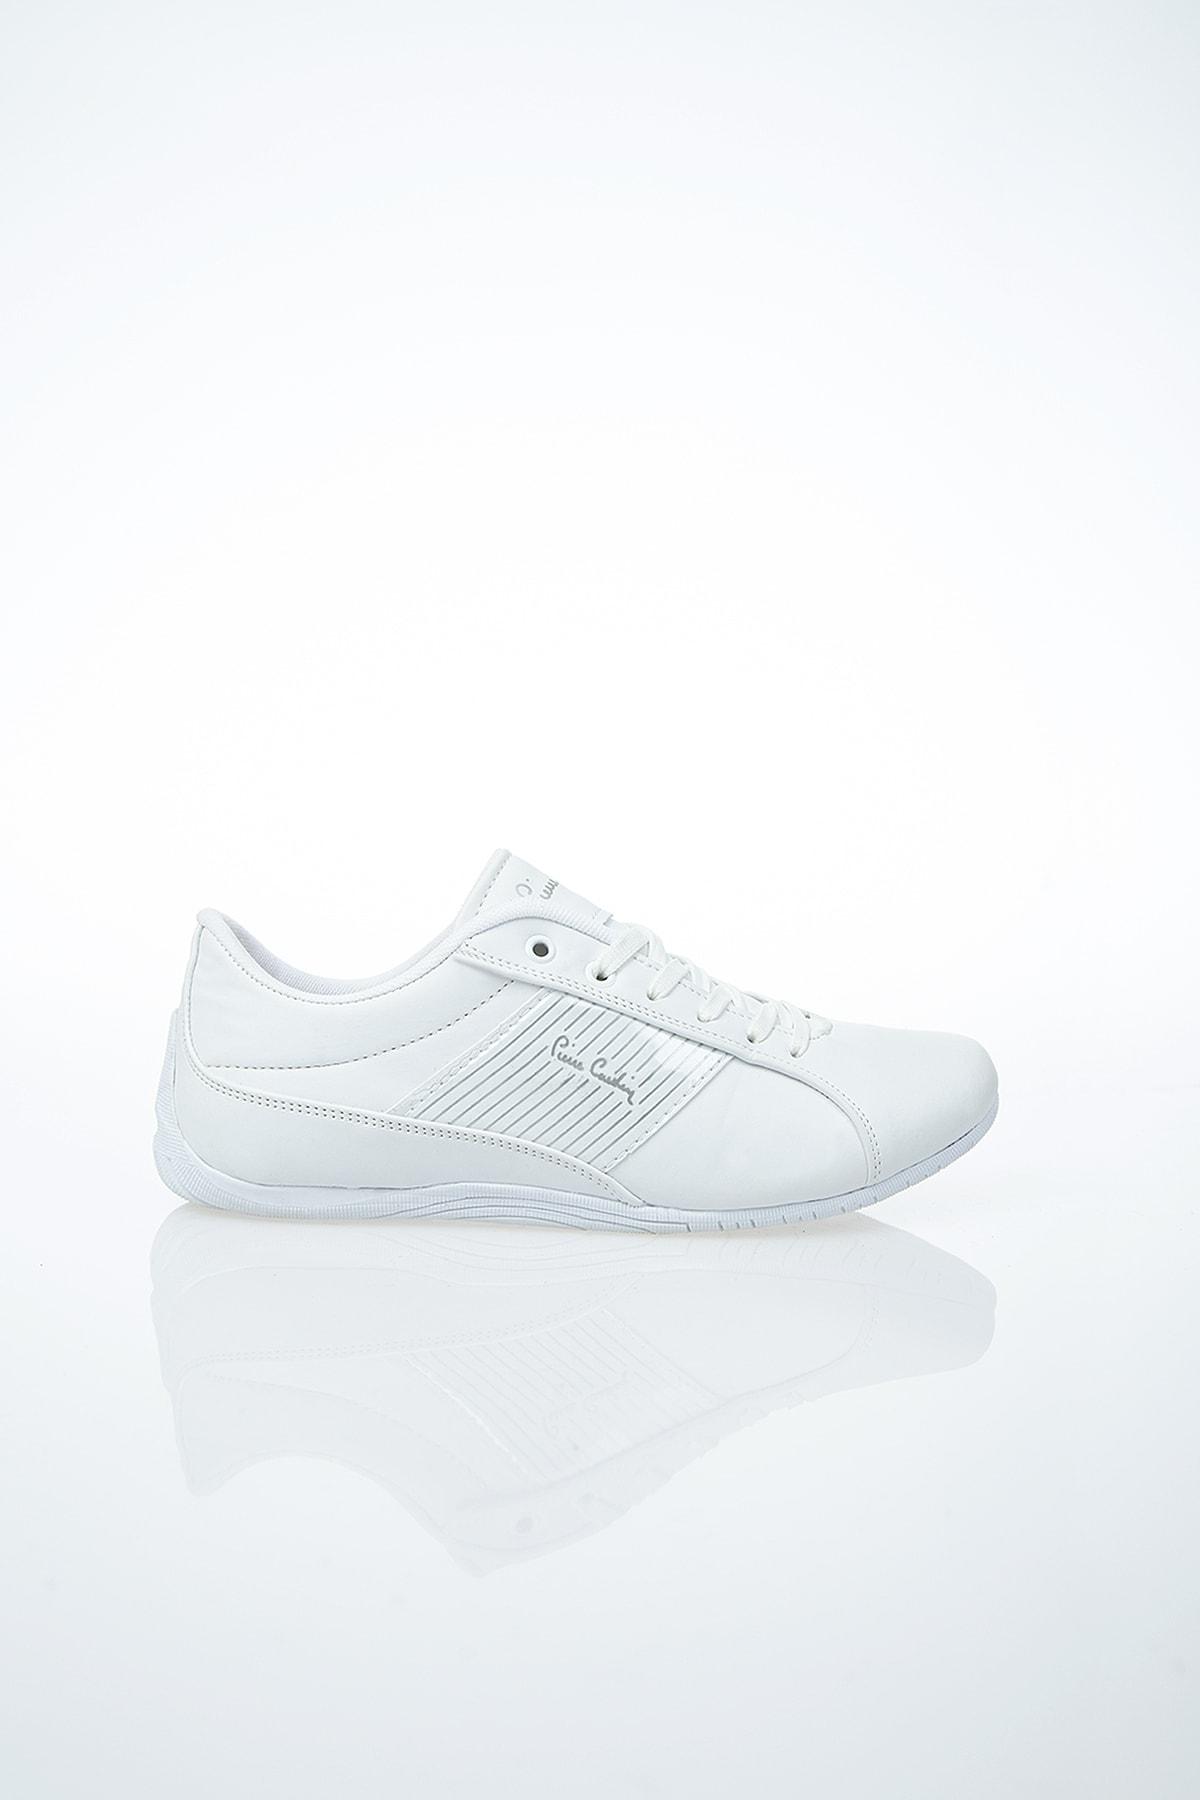 Pierre Cardin Pc-30074 Erkek Günlük Spor Ayakkabı-beyaz 1